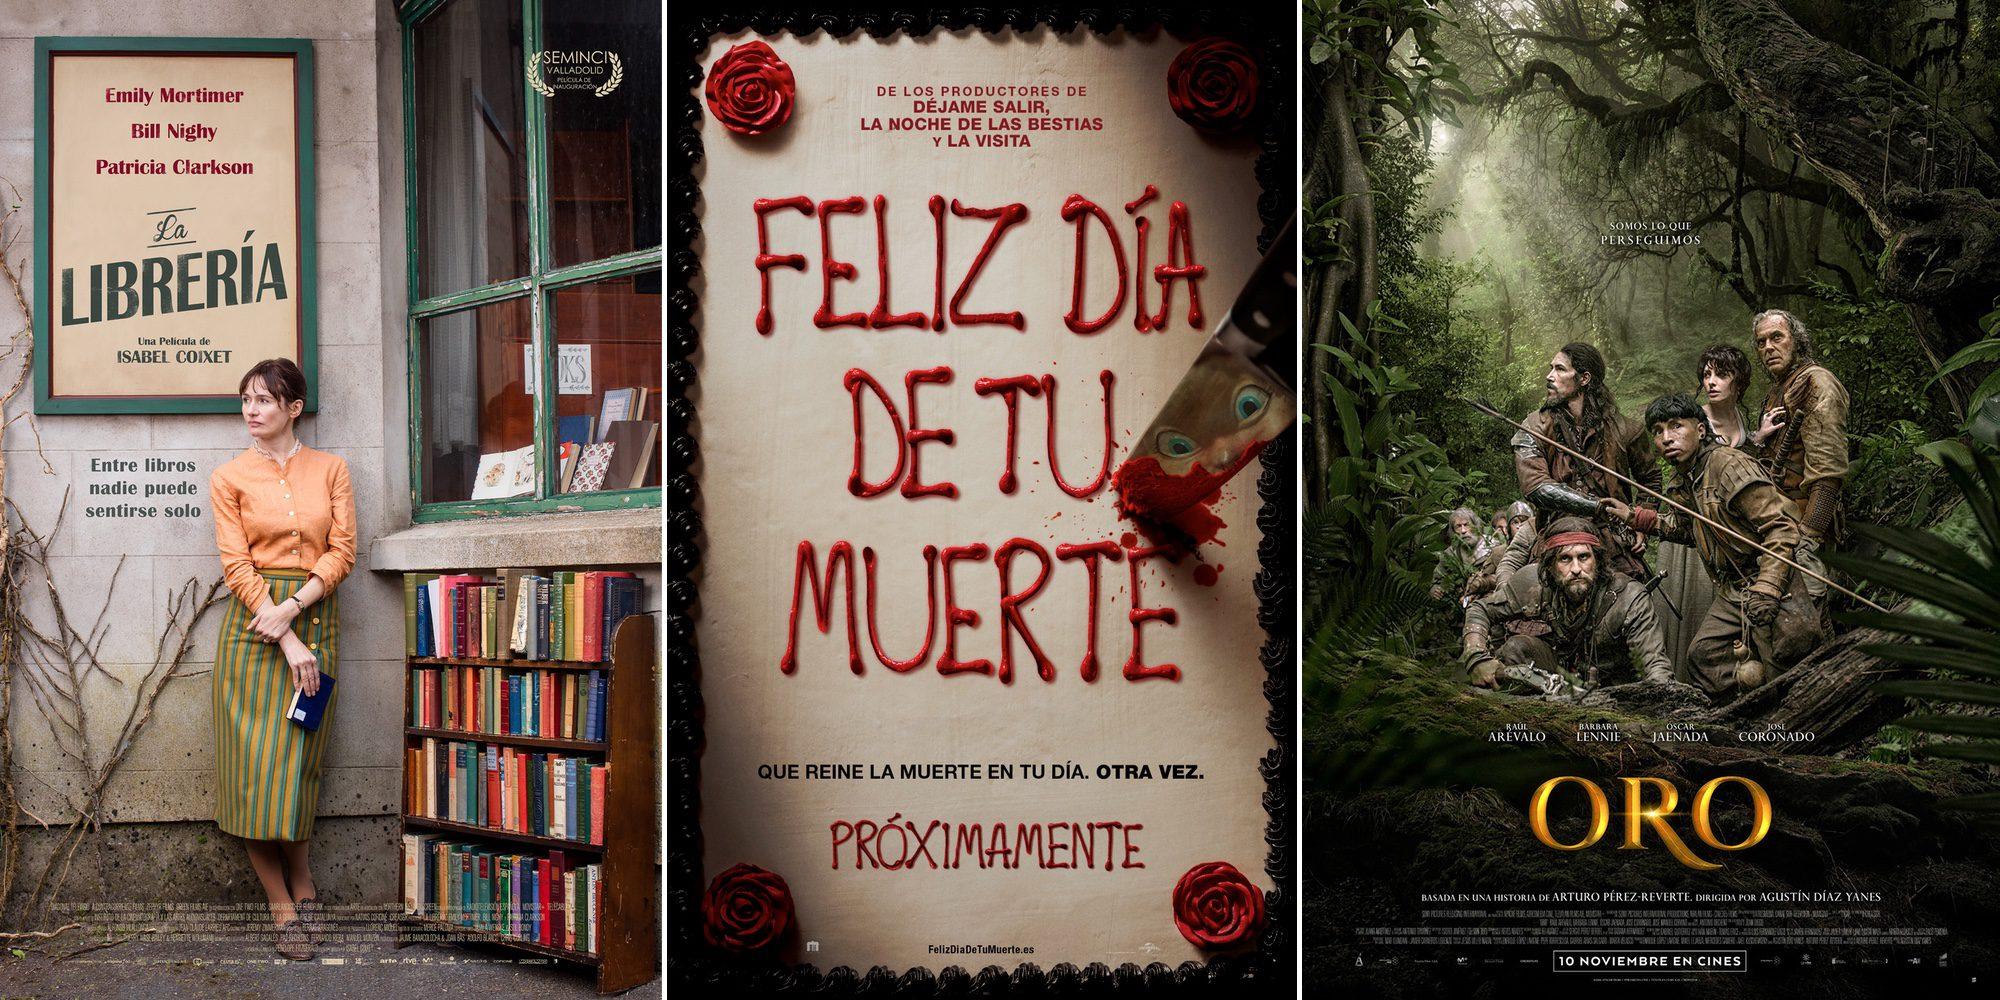 'Feliz día de tu muerte' y 'Oro' encabezan los estrenos de cine de la semana